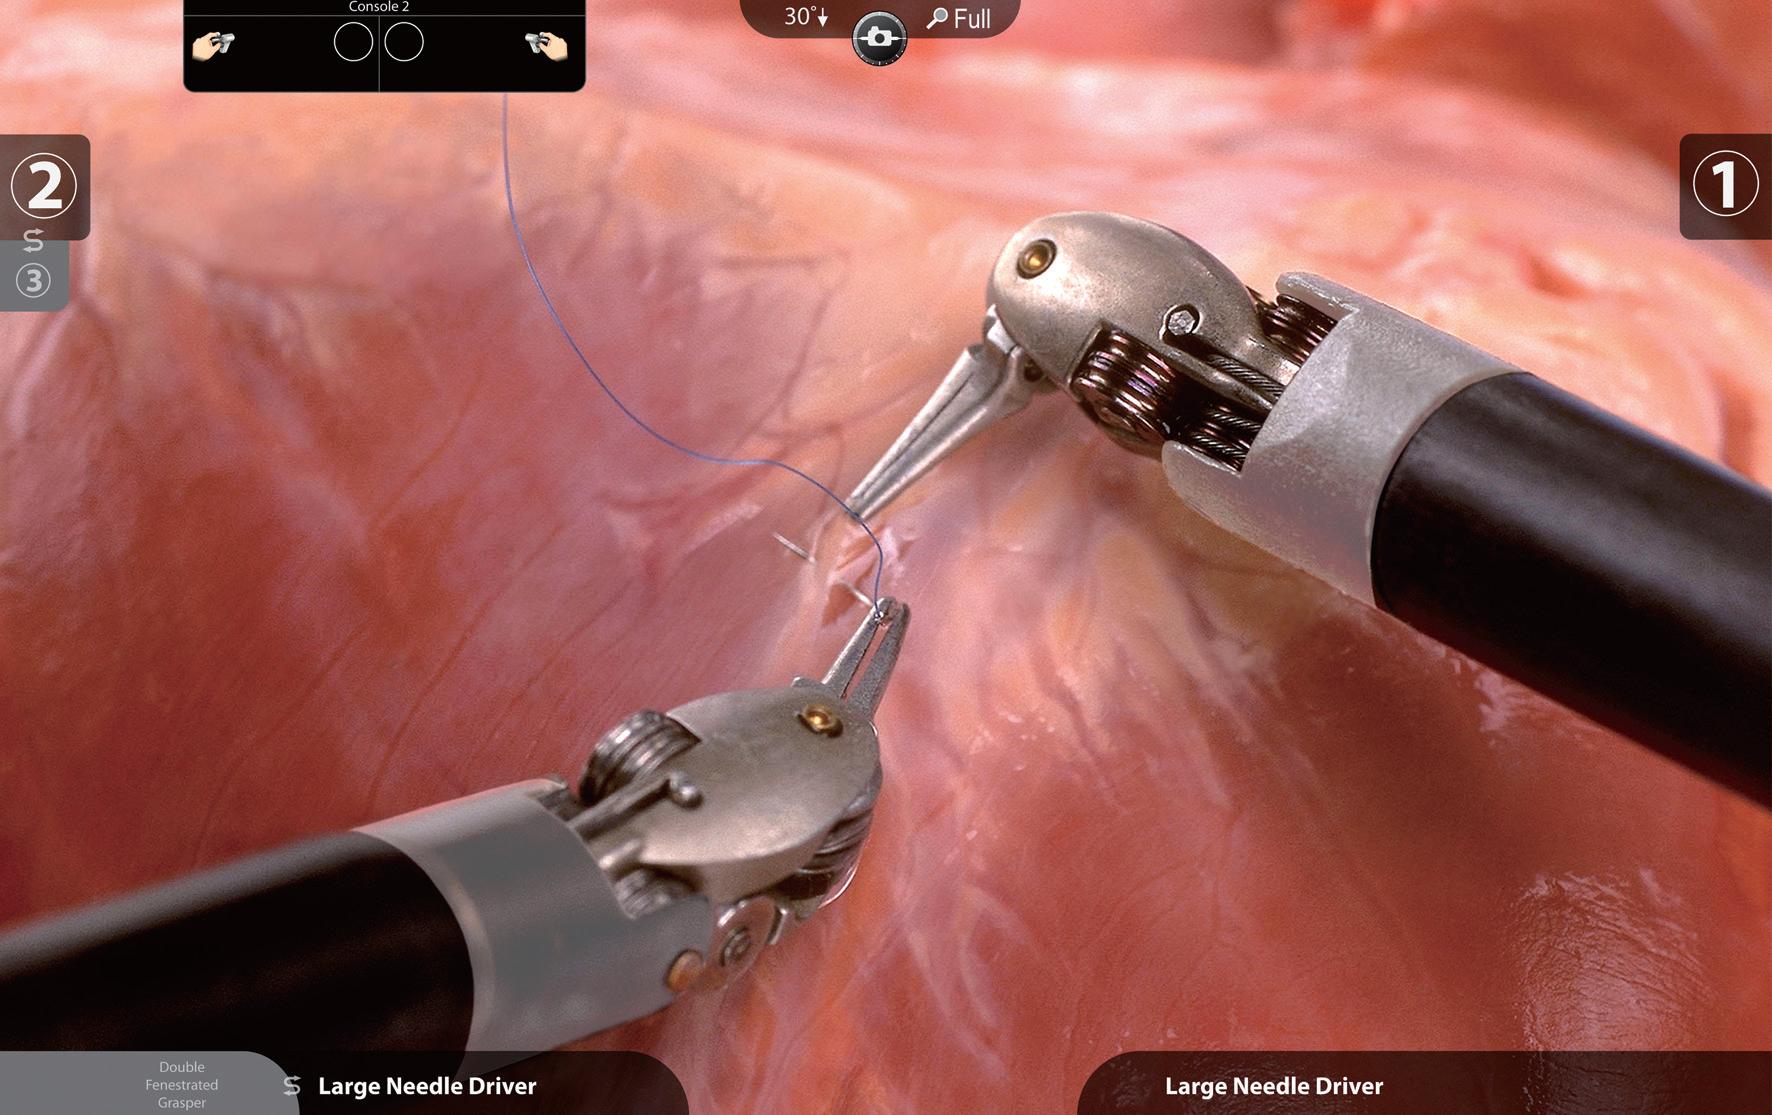 手術支援ロボット(ダヴィンチ)による前立腺全摘除術①